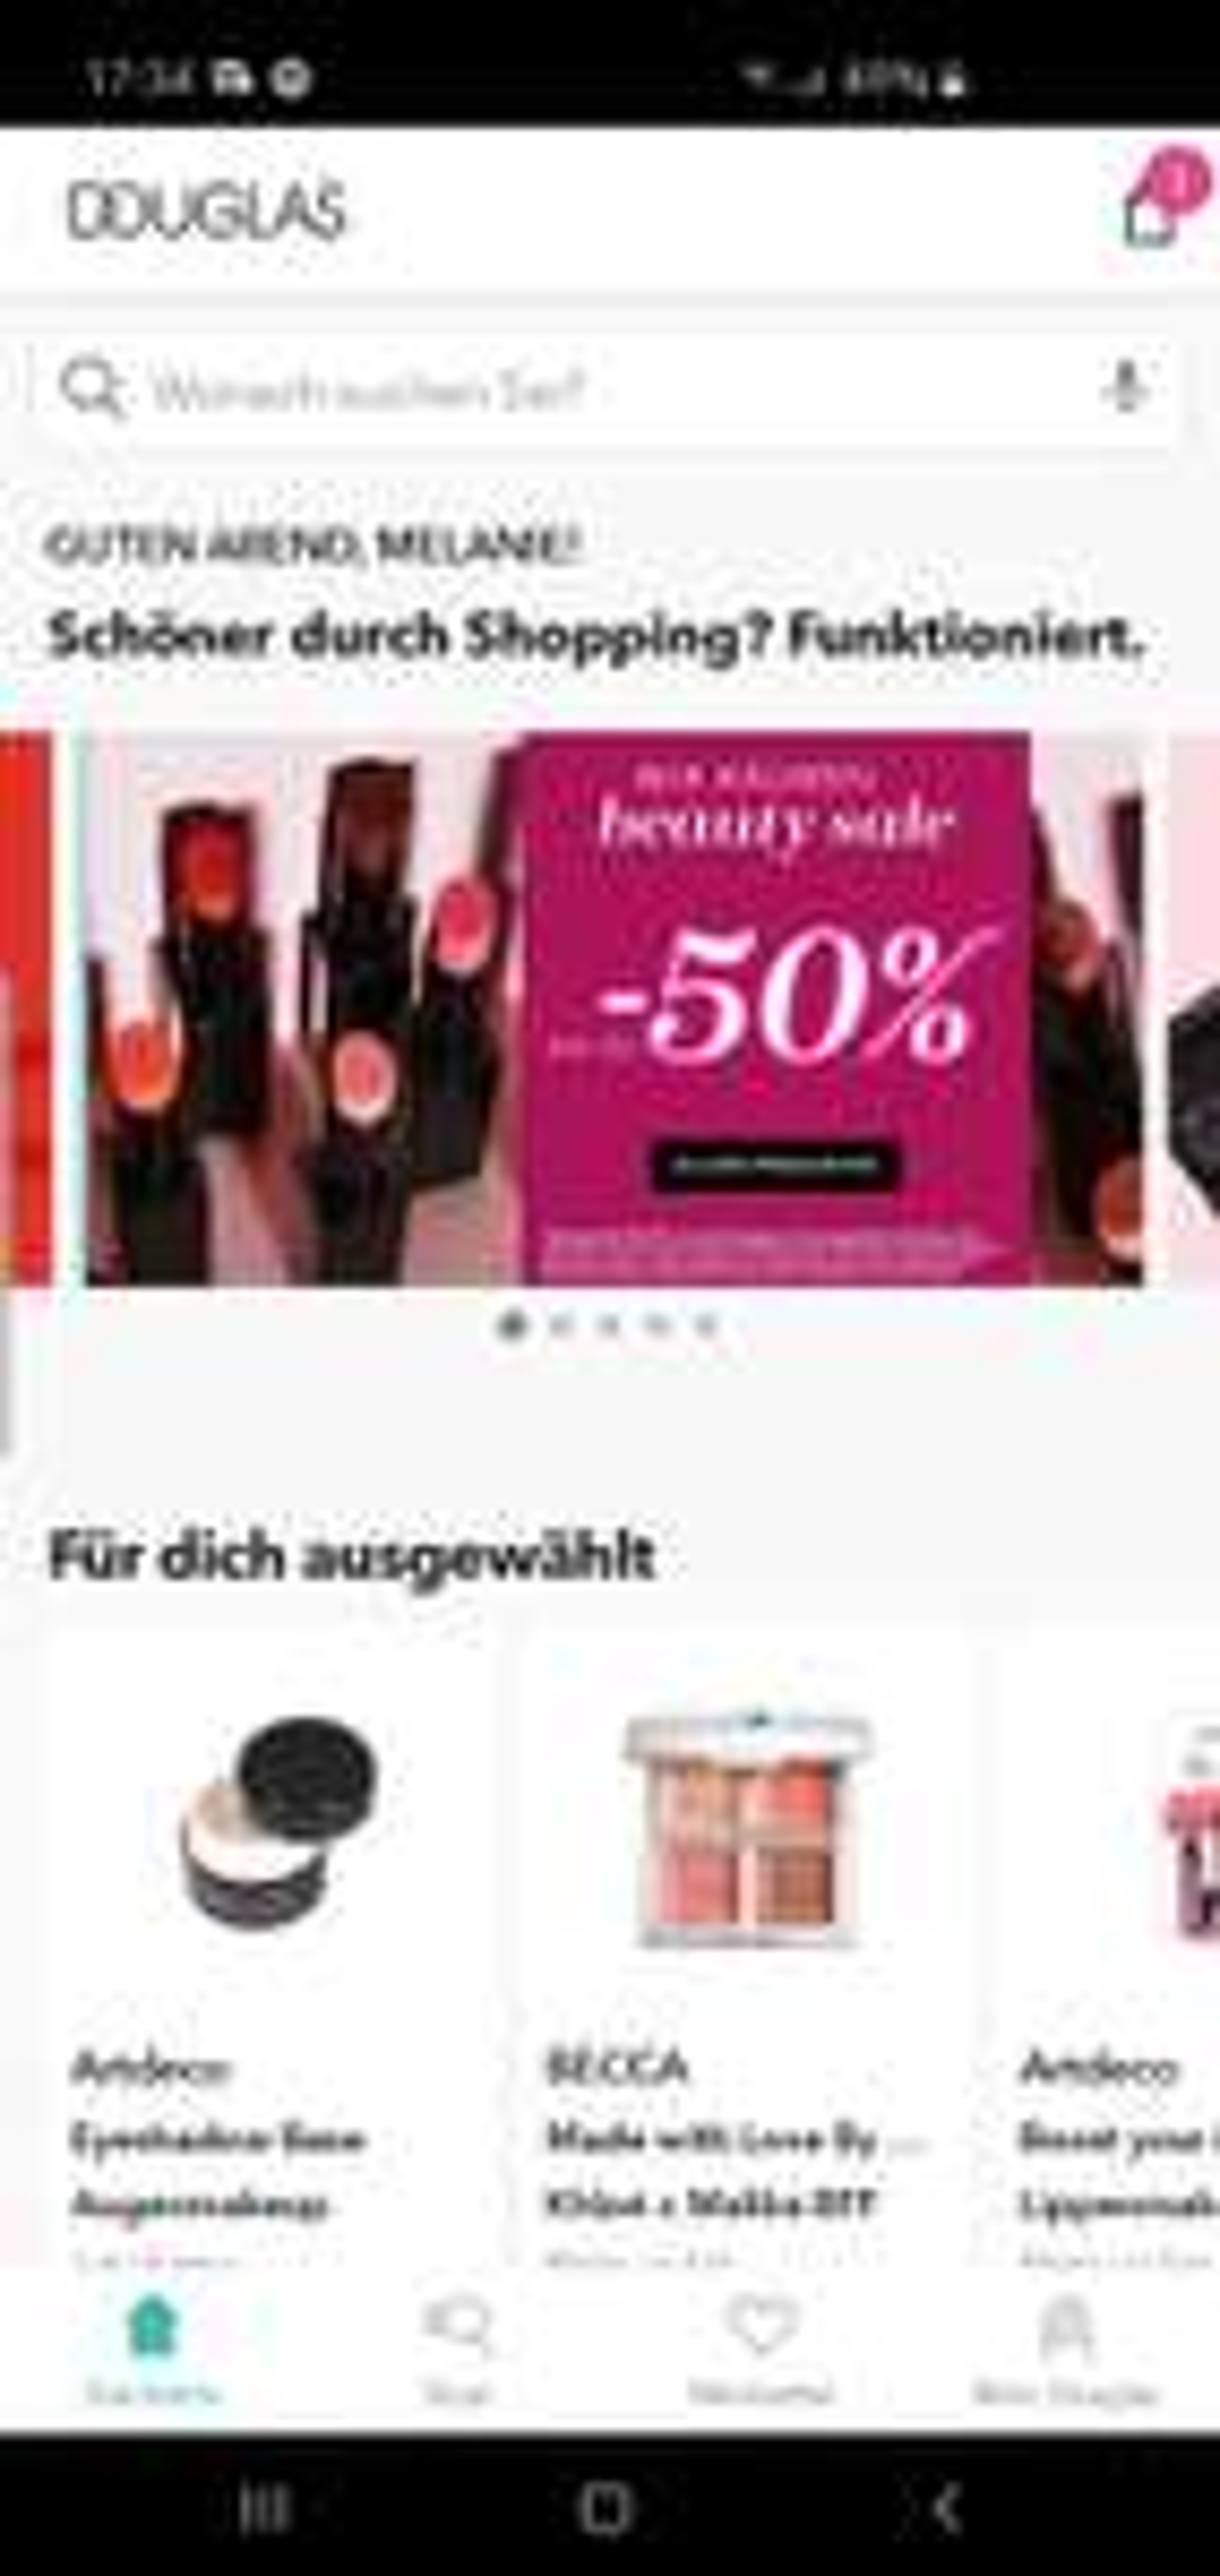 Beauty Sale bei Douglas, bis zu -50% auf viele MAC Produkte, wie auch andere Produkte